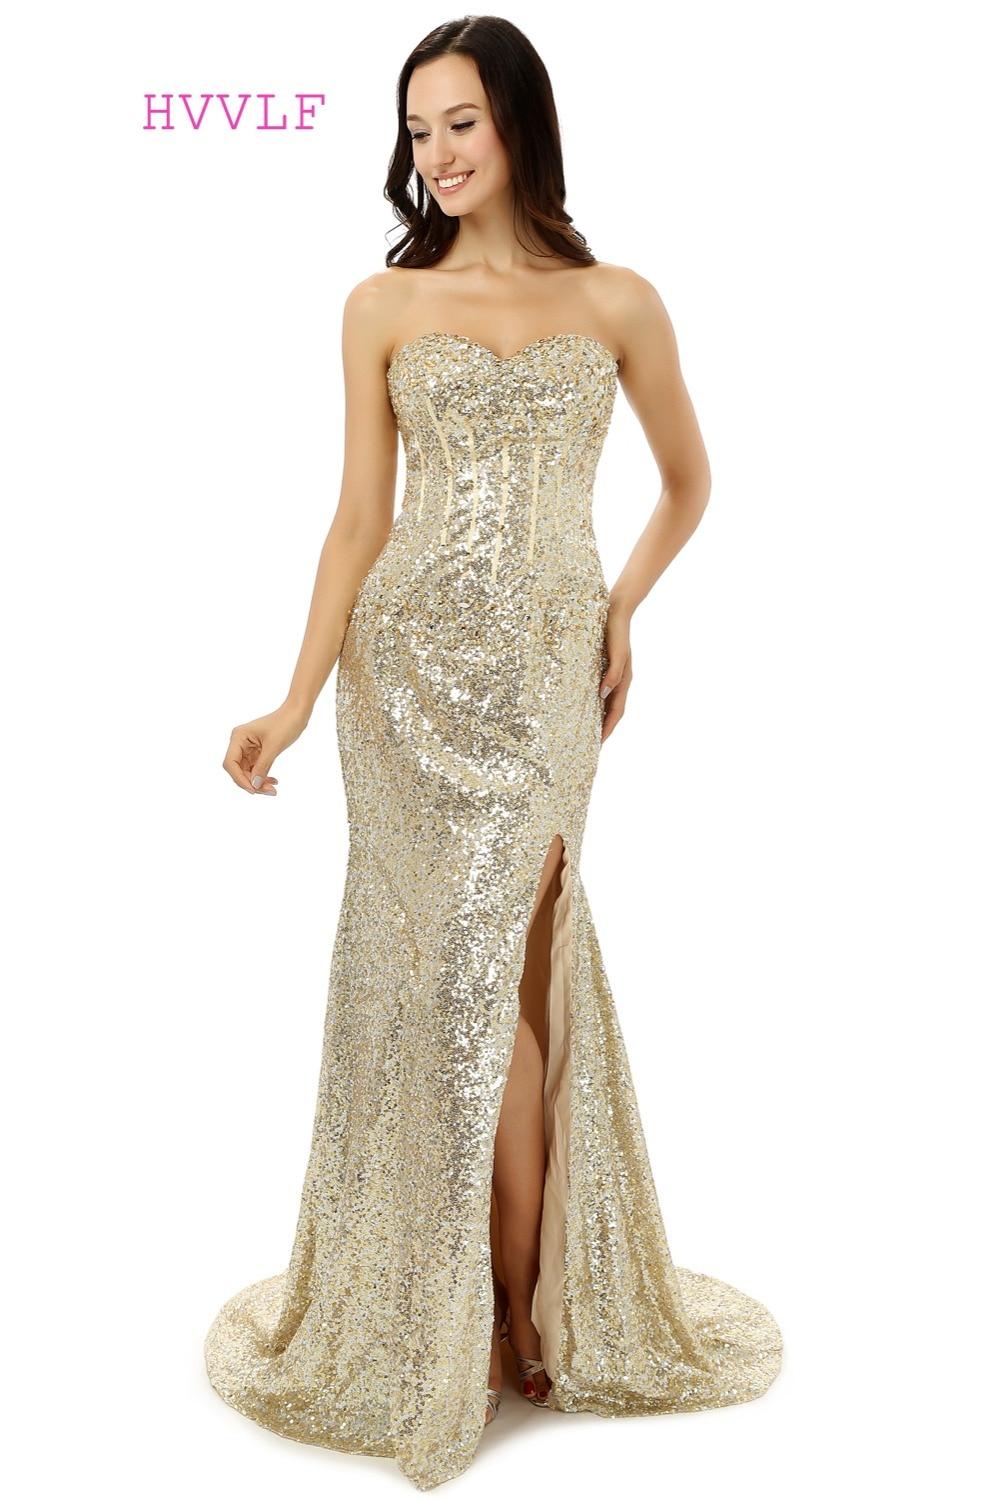 Robe De soirée Champagne 2019 sirène chérie paillettes cristaux scintillants fente Sexy longues robes De bal Robe De bal robes De soirée